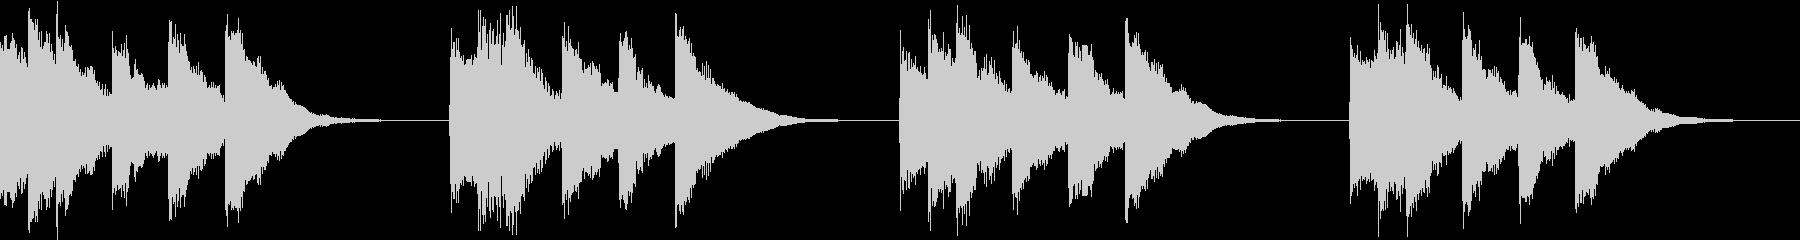 シンプル ベル 着信音 チャイム A-2の未再生の波形